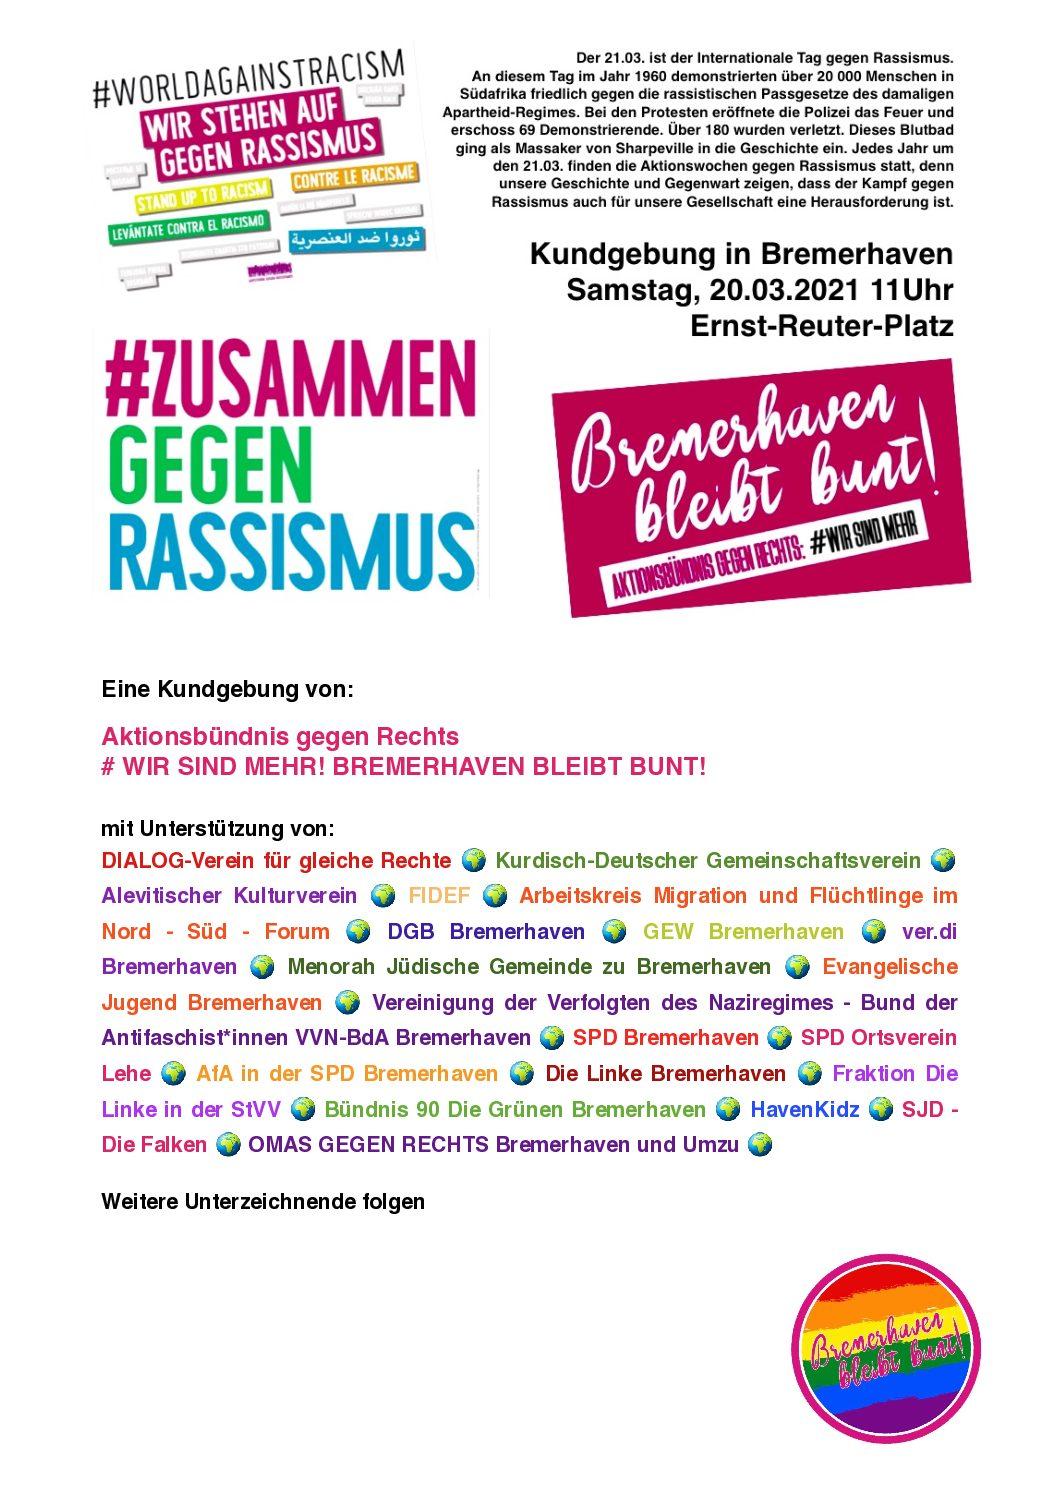 Zusammen gegen Rassismus – Kundgebung am 20.03.2021 um 11.00 Uhr